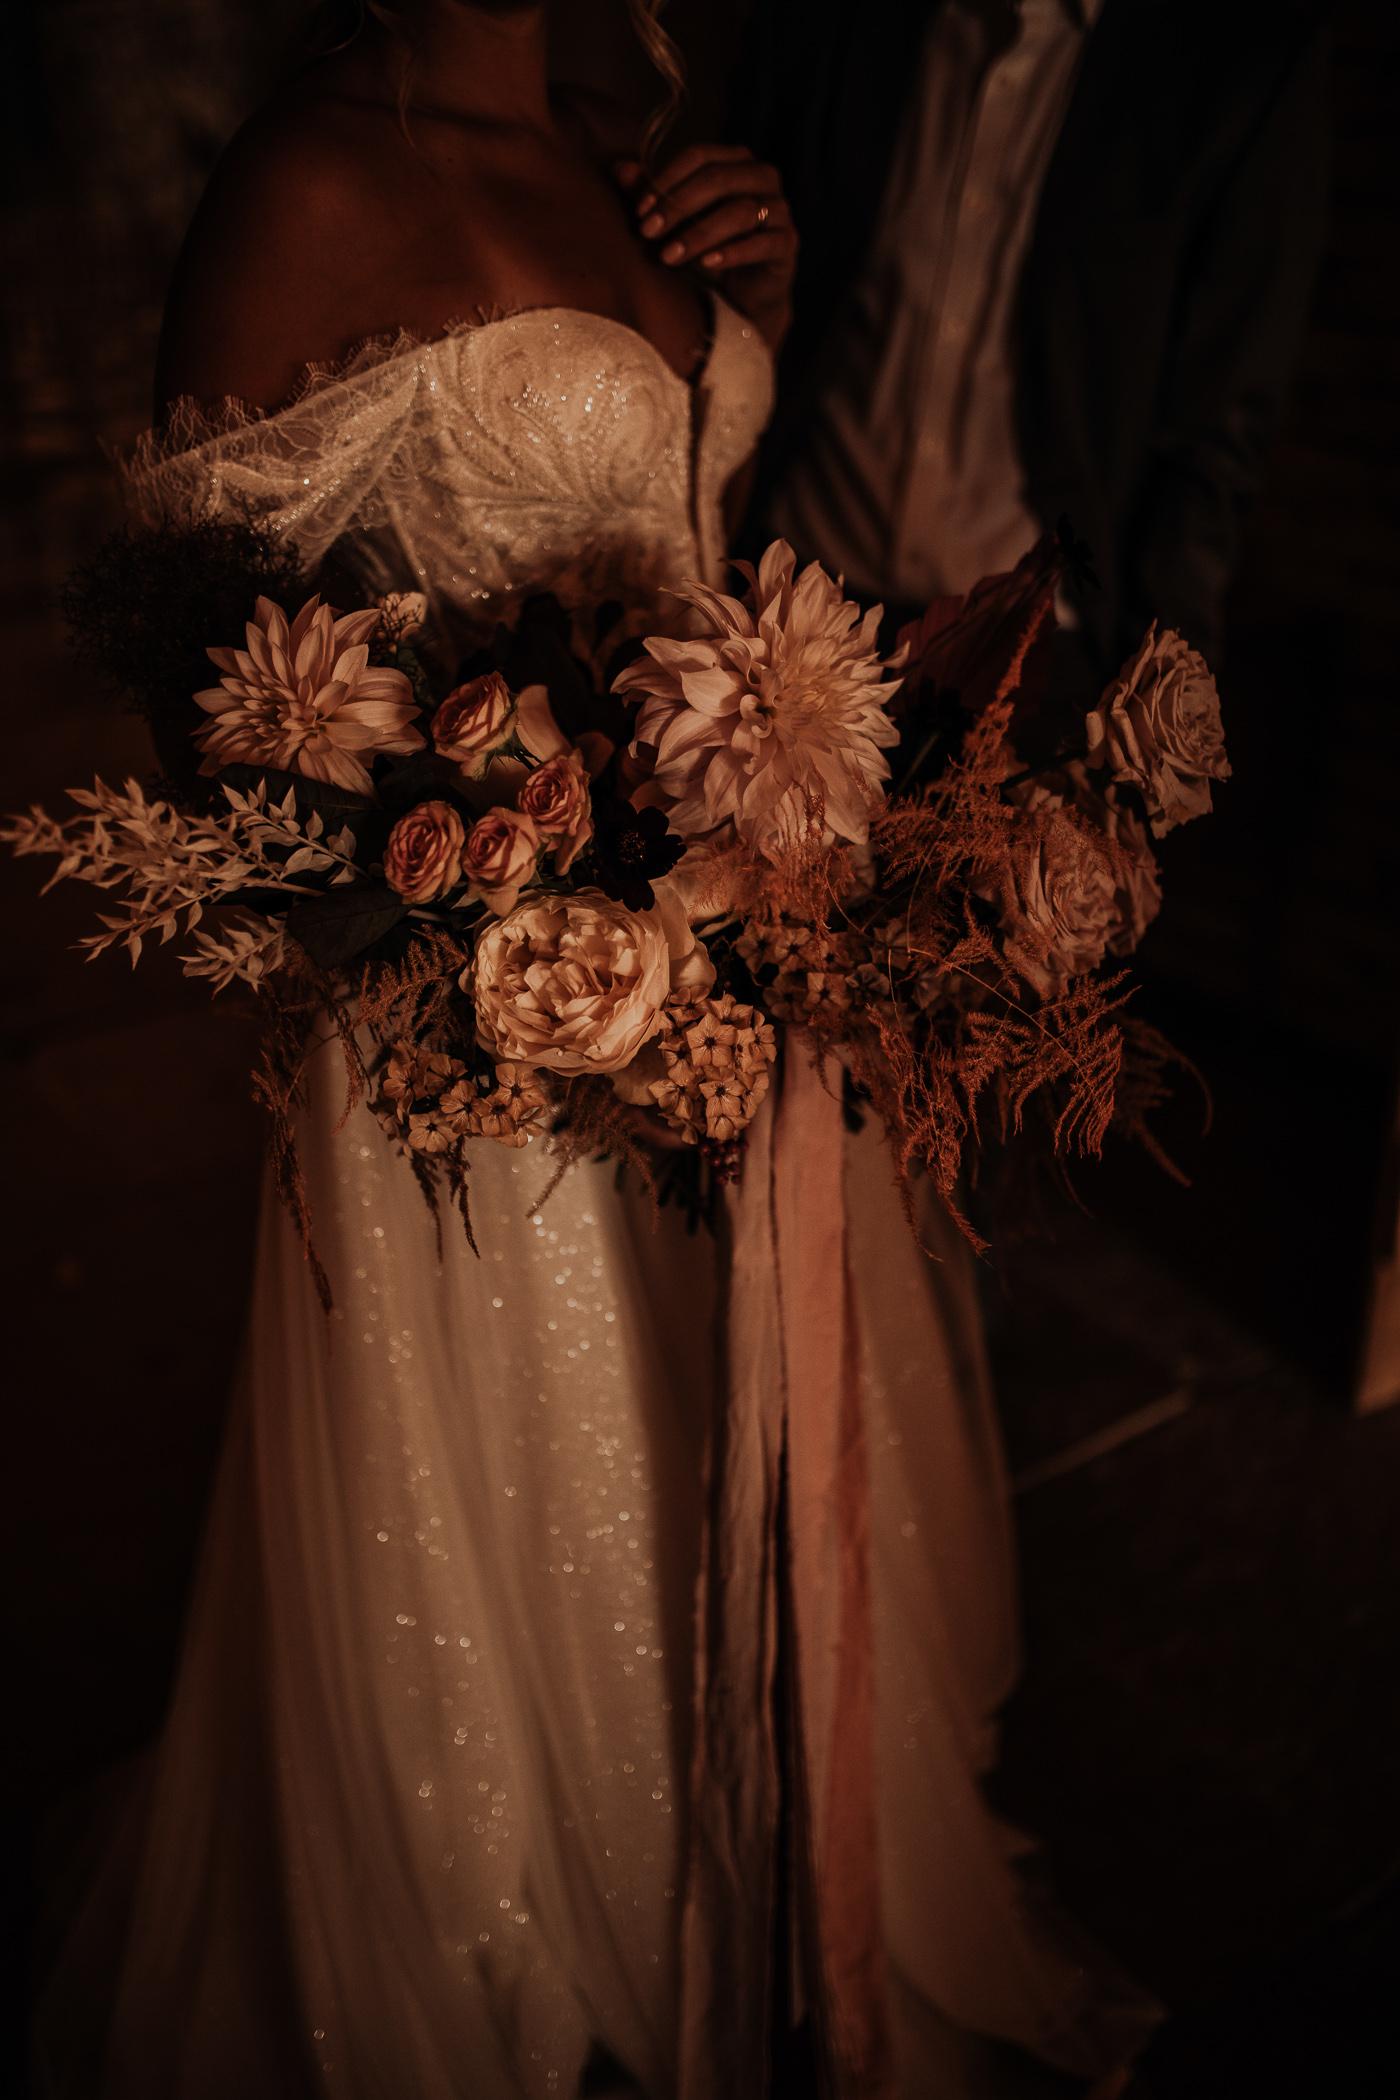 blush bouquet of dahlias